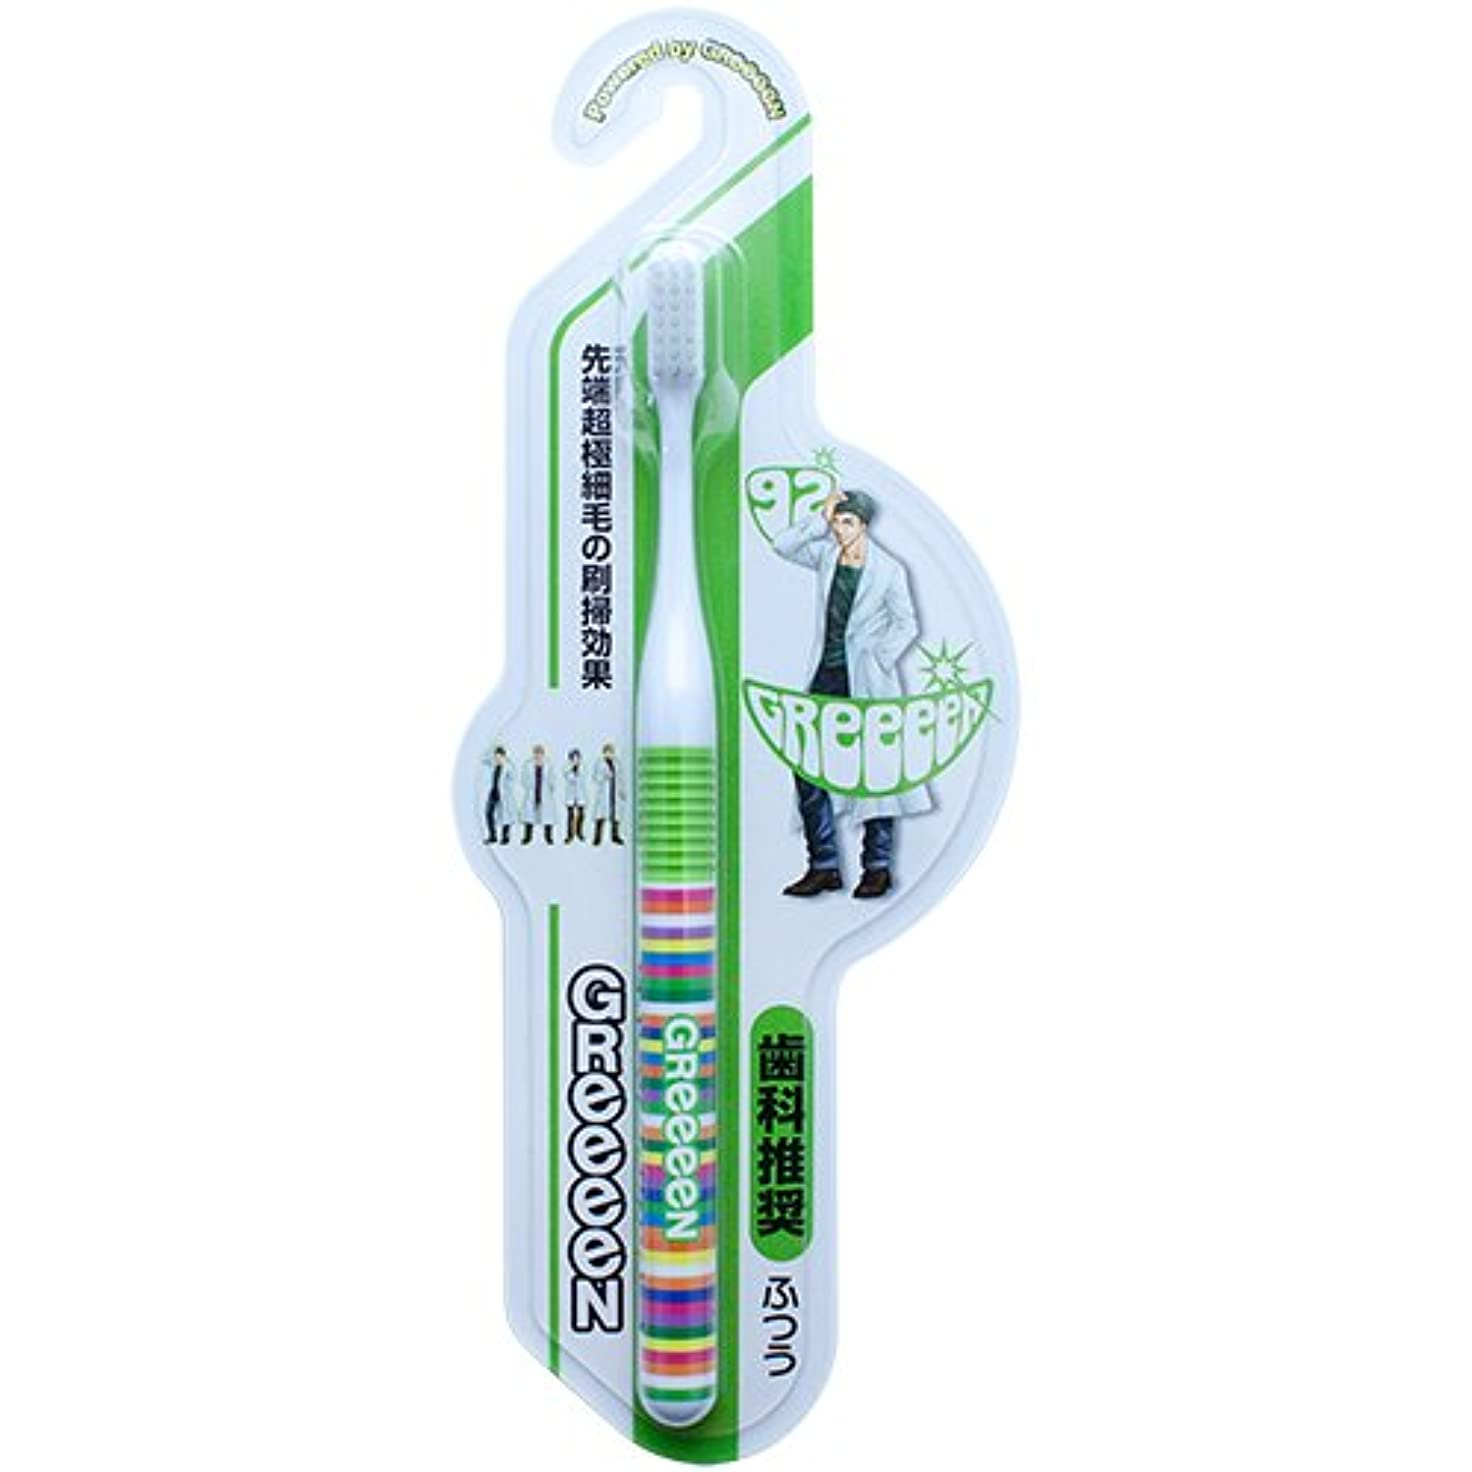 プレゼン余裕がある連合GReeeeN 3列ヘッドラバーグリップ超極細毛歯ブラシ SIRO 92 1本